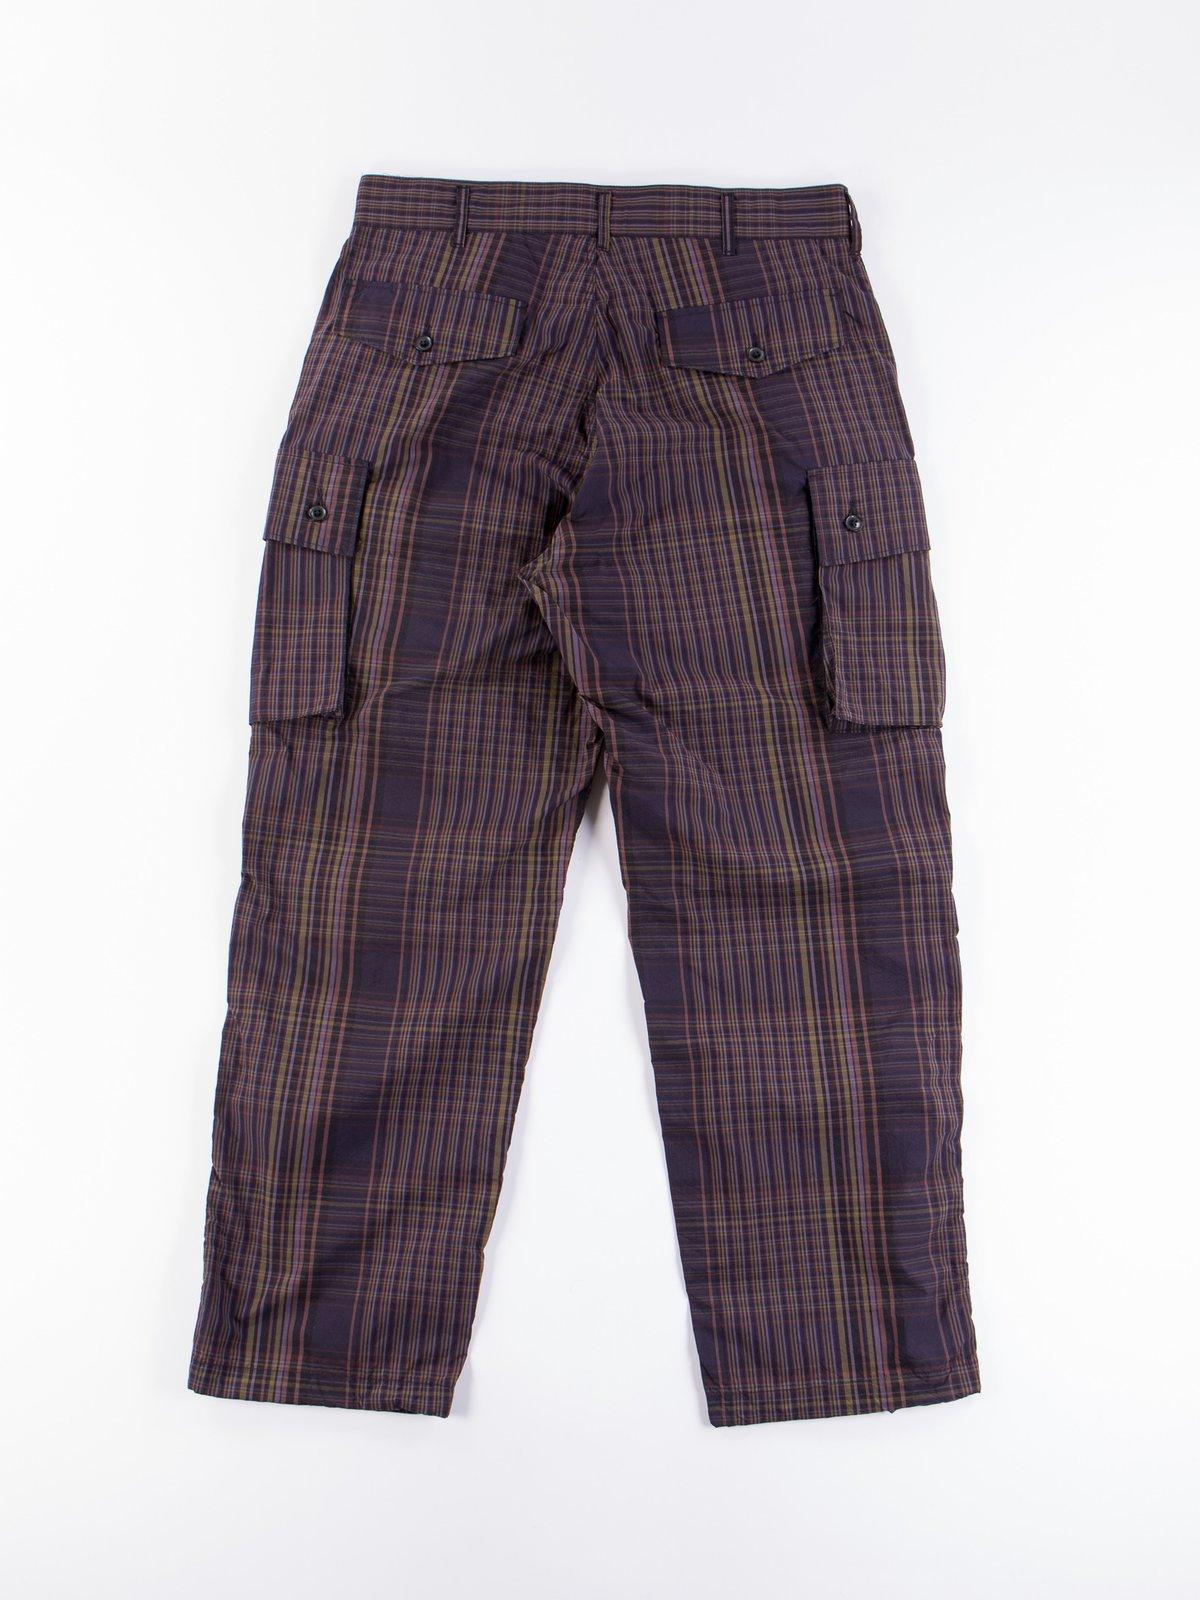 Multi Color Nyco Plaid FA Pant - Image 6